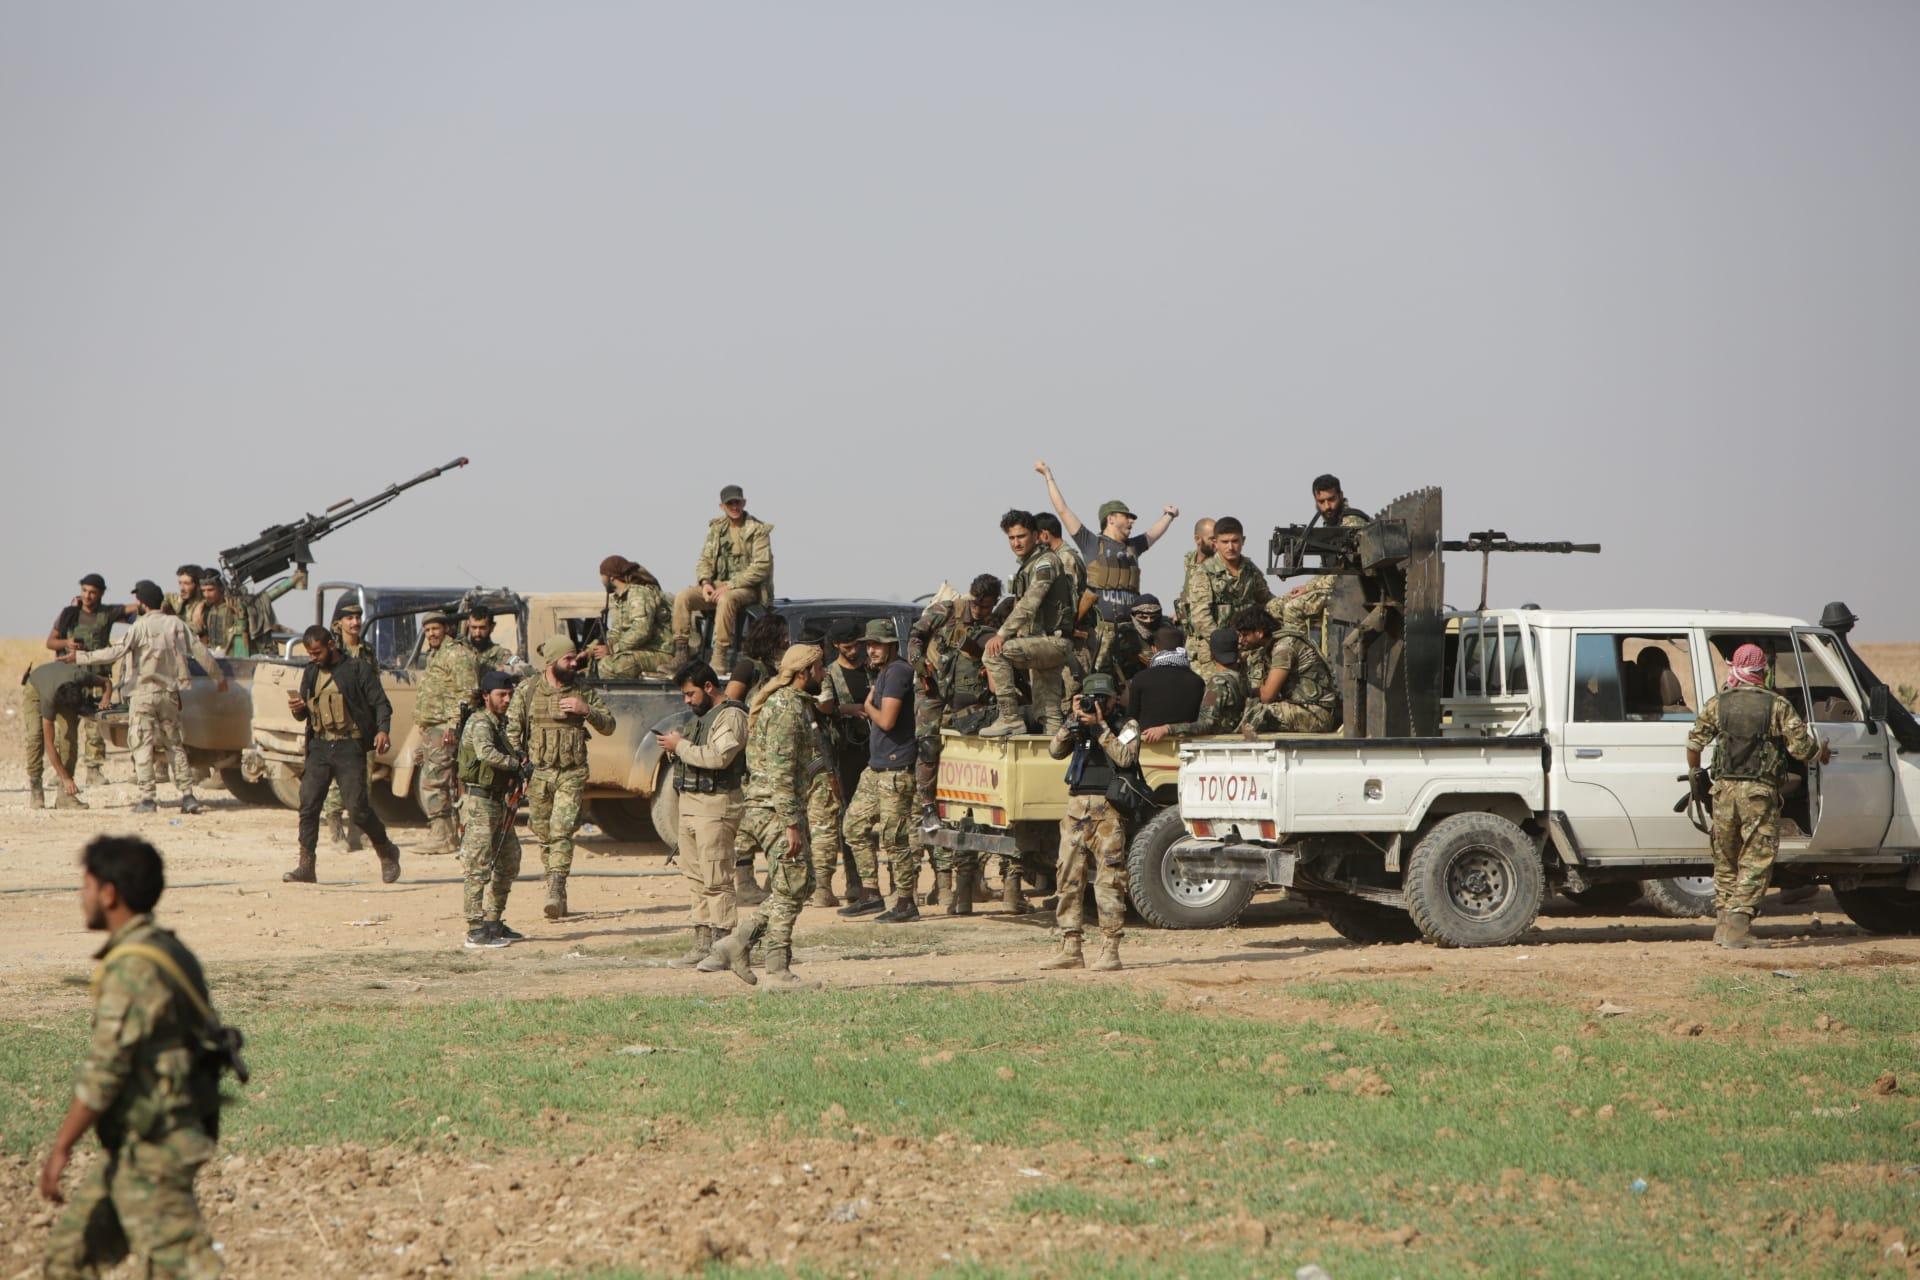 المرصد السوري: فصائل سورية موالية لتركيا فتحت مكاتب تسجيل راغبي القتال في ليبيا برواتب مُغرية